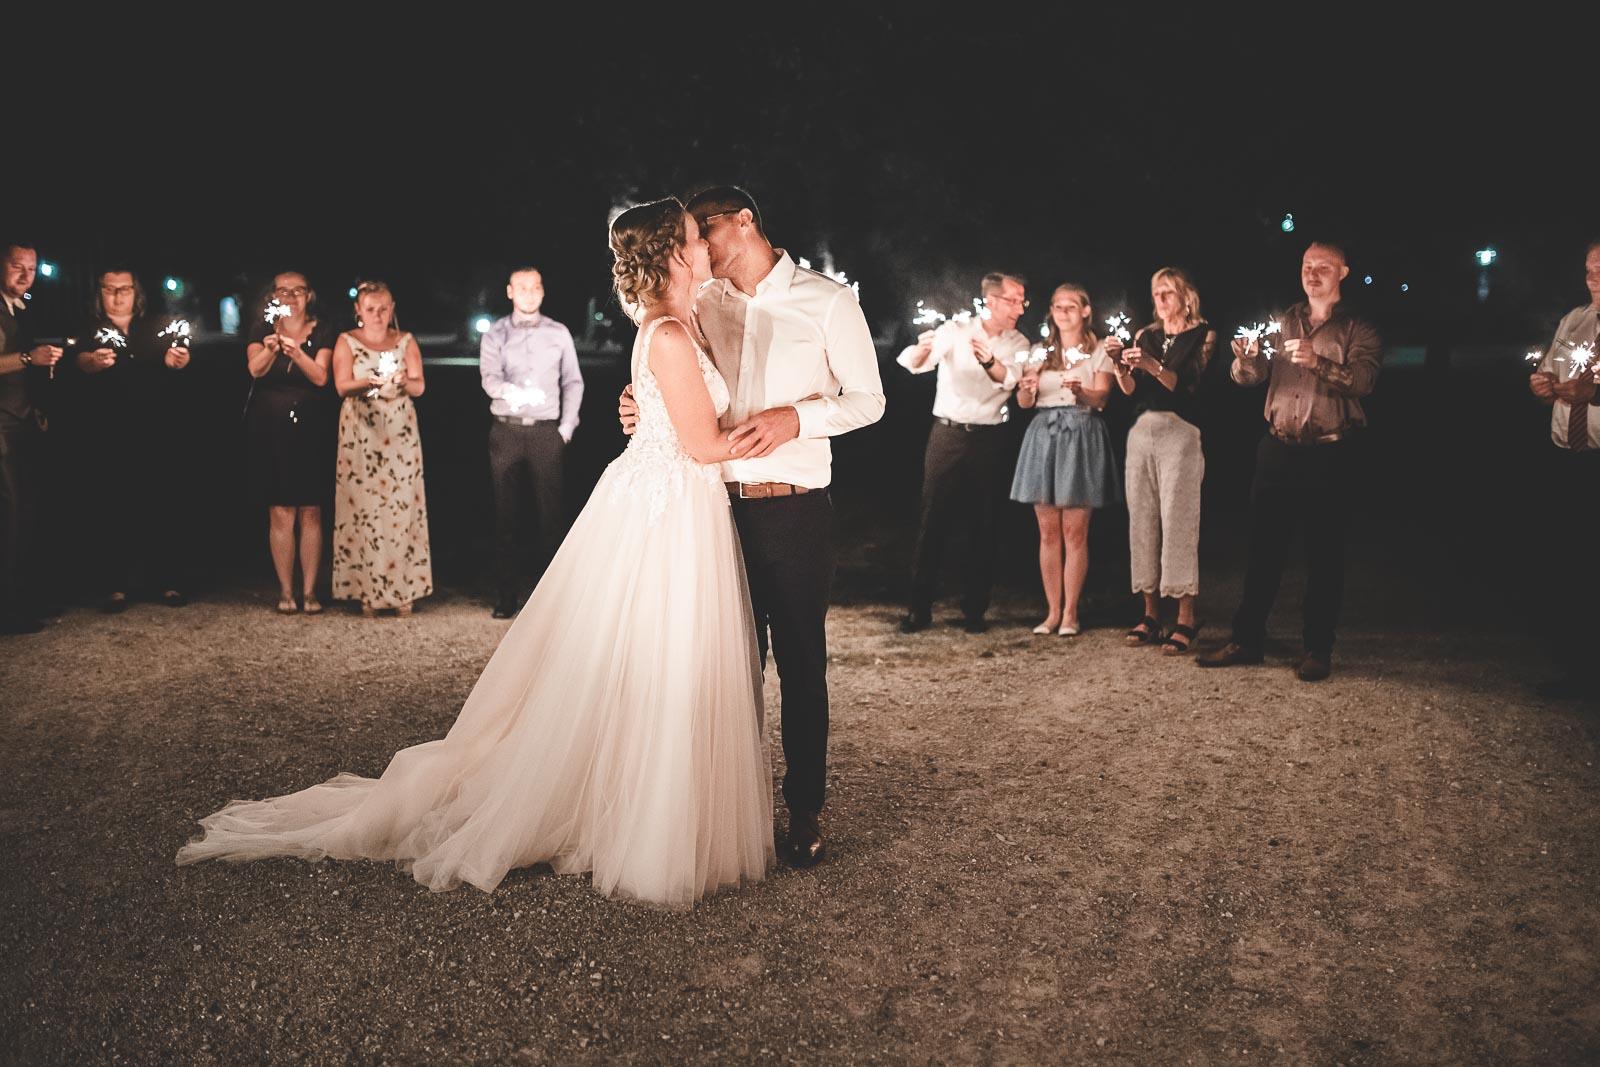 Hochzeitsfotograf Dominik Sackmann - lichtwerk Foto Video Grafik - Freiburg, Kirchzarten, Dreisamtal - Hochzeit Nacht Kuss